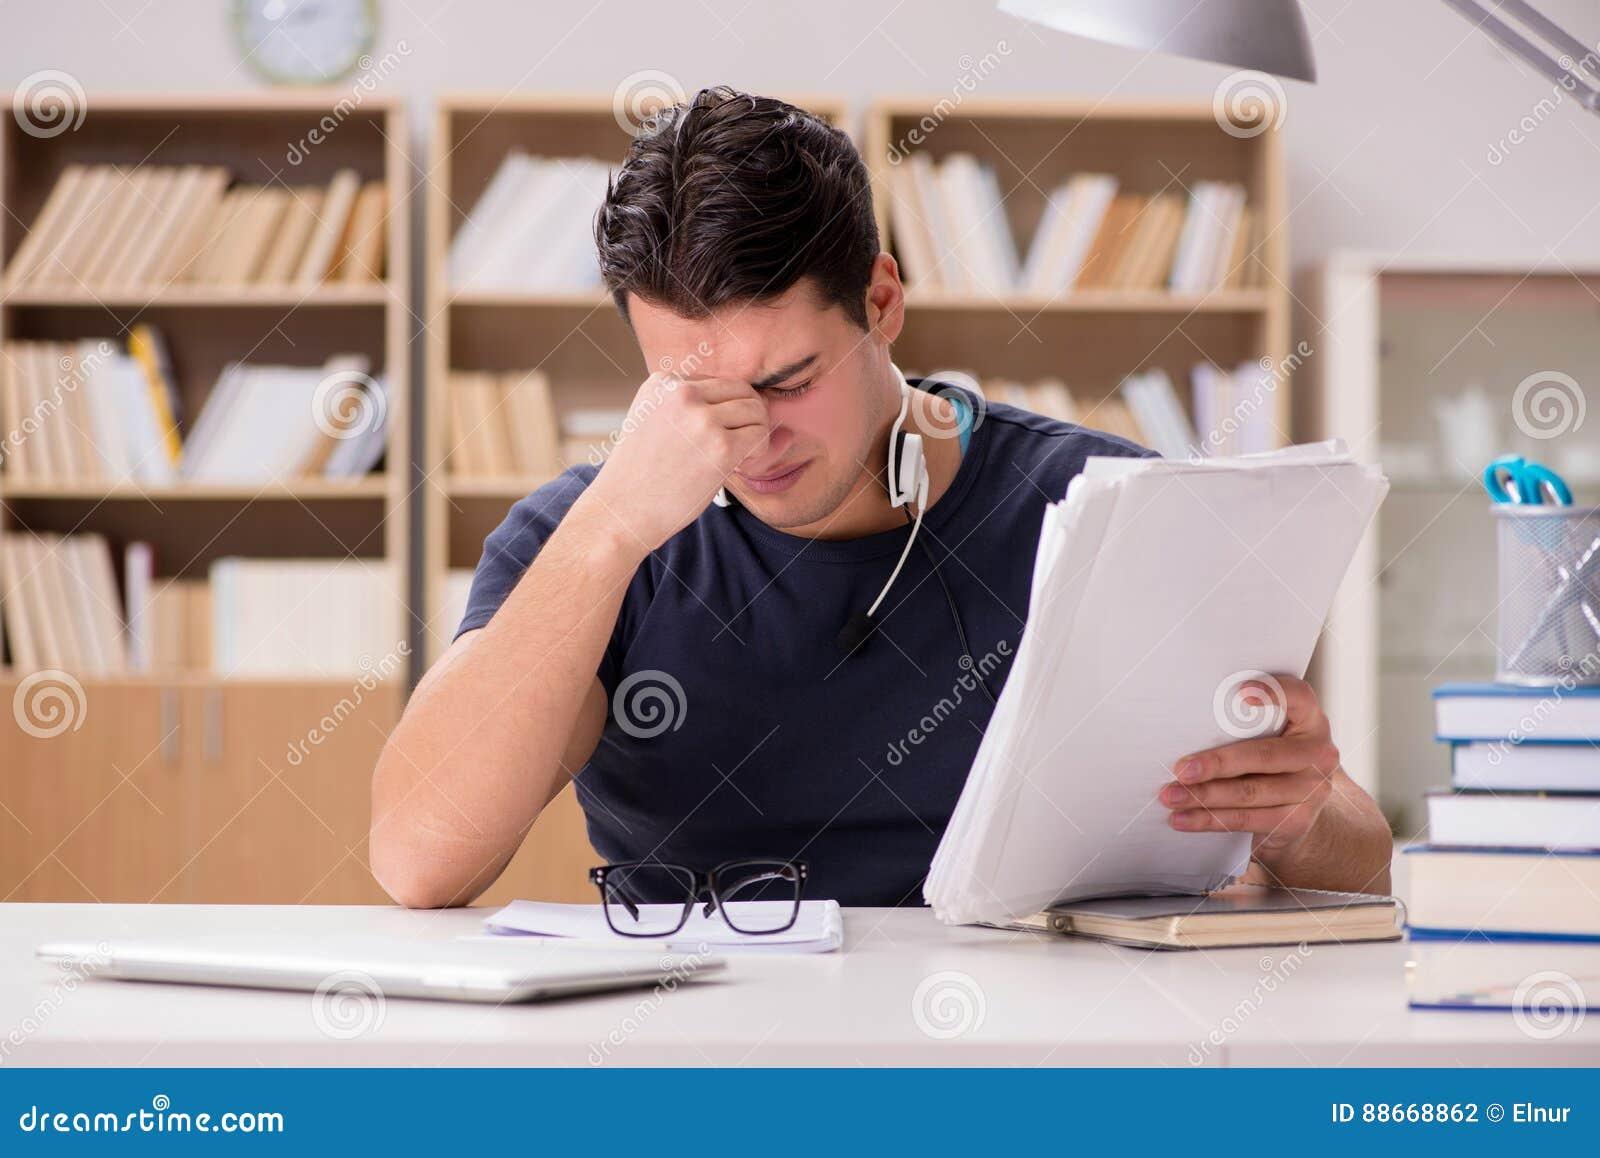 Ο δυστυχισμένος σπουδαστής με πάρα πολύ στη μελέτη